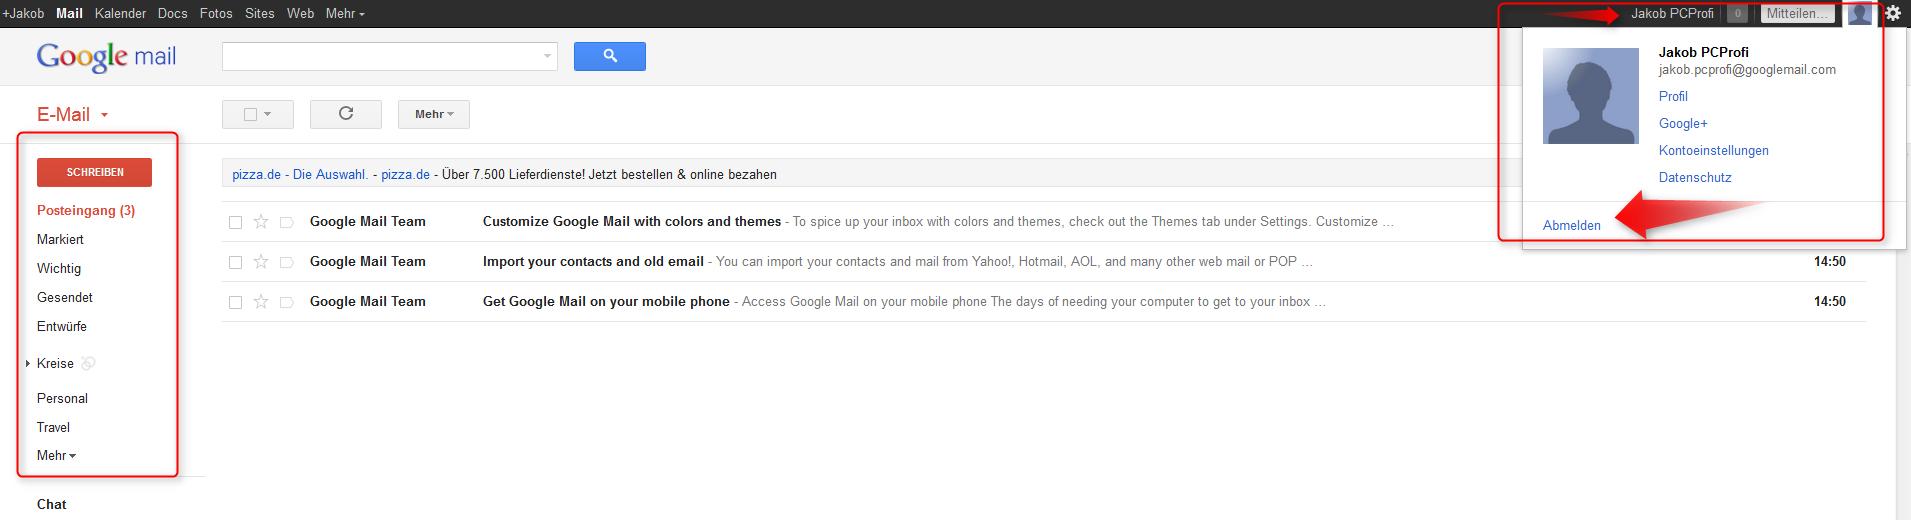 12Ein-kostenloses-E-Mail-Konto-bei-Google-eroeffnen-mit-Video-sms-470.png?nocache=1325851385521